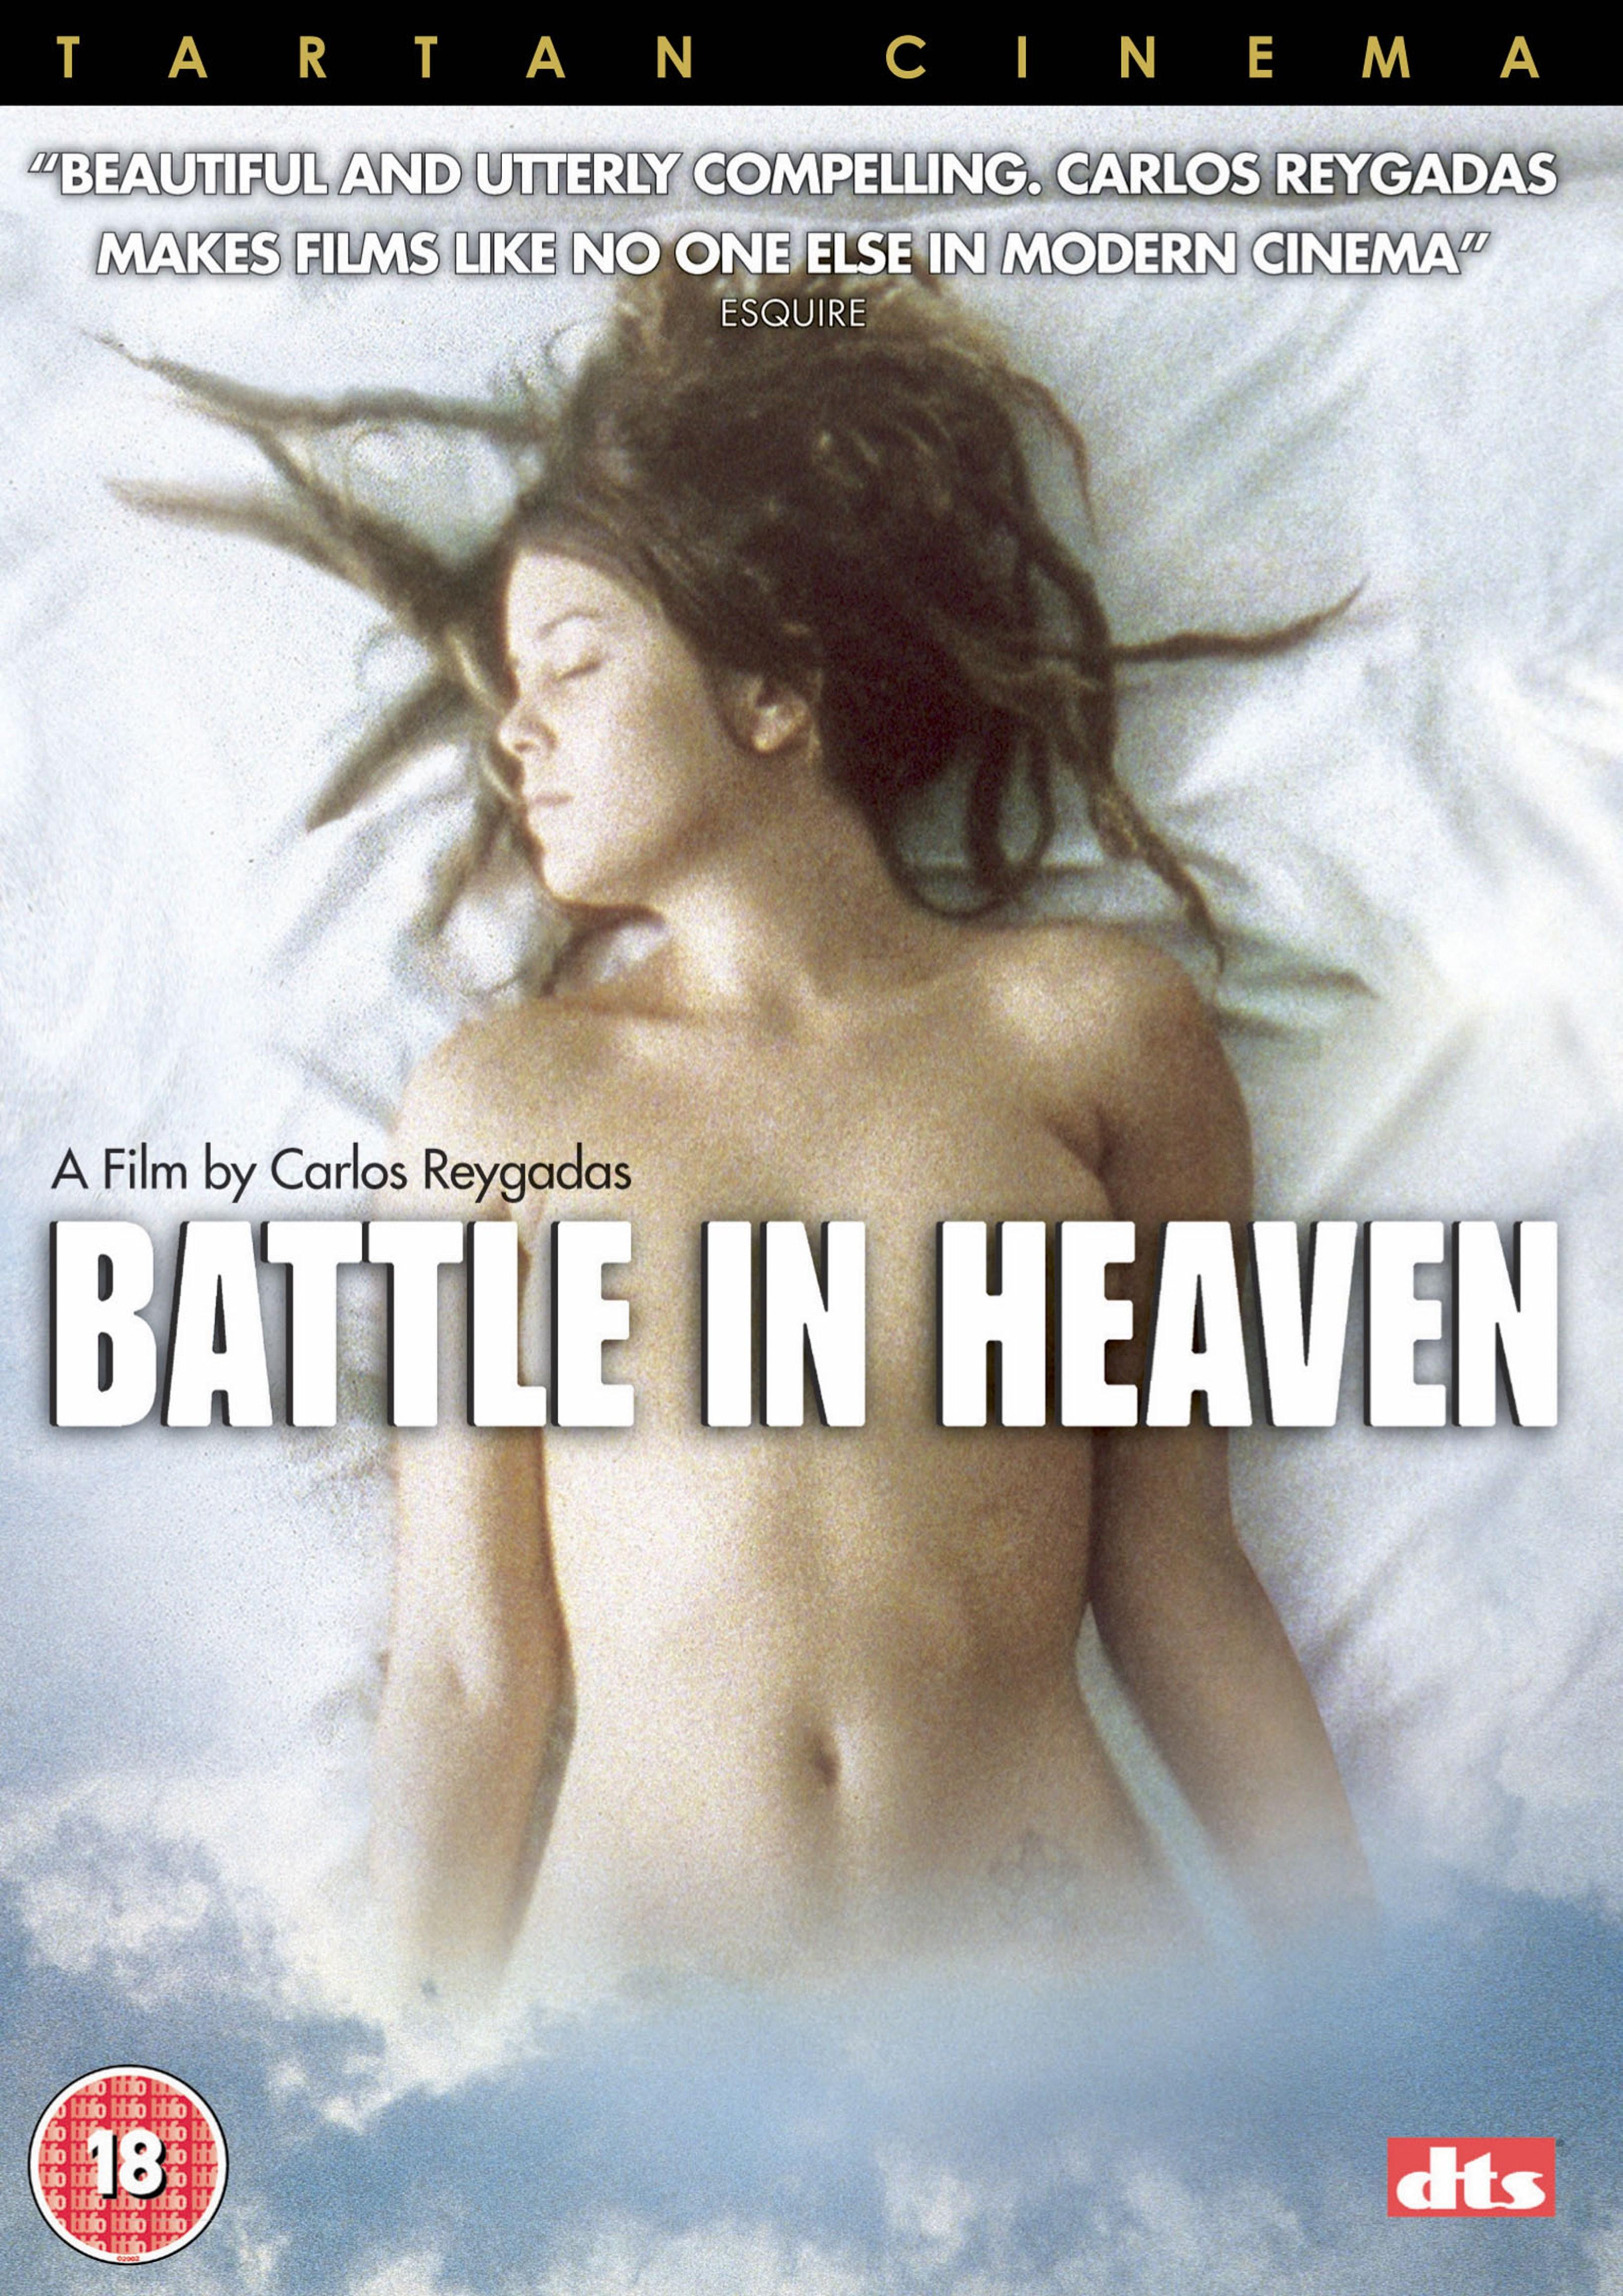 Battle in Heaven - 1